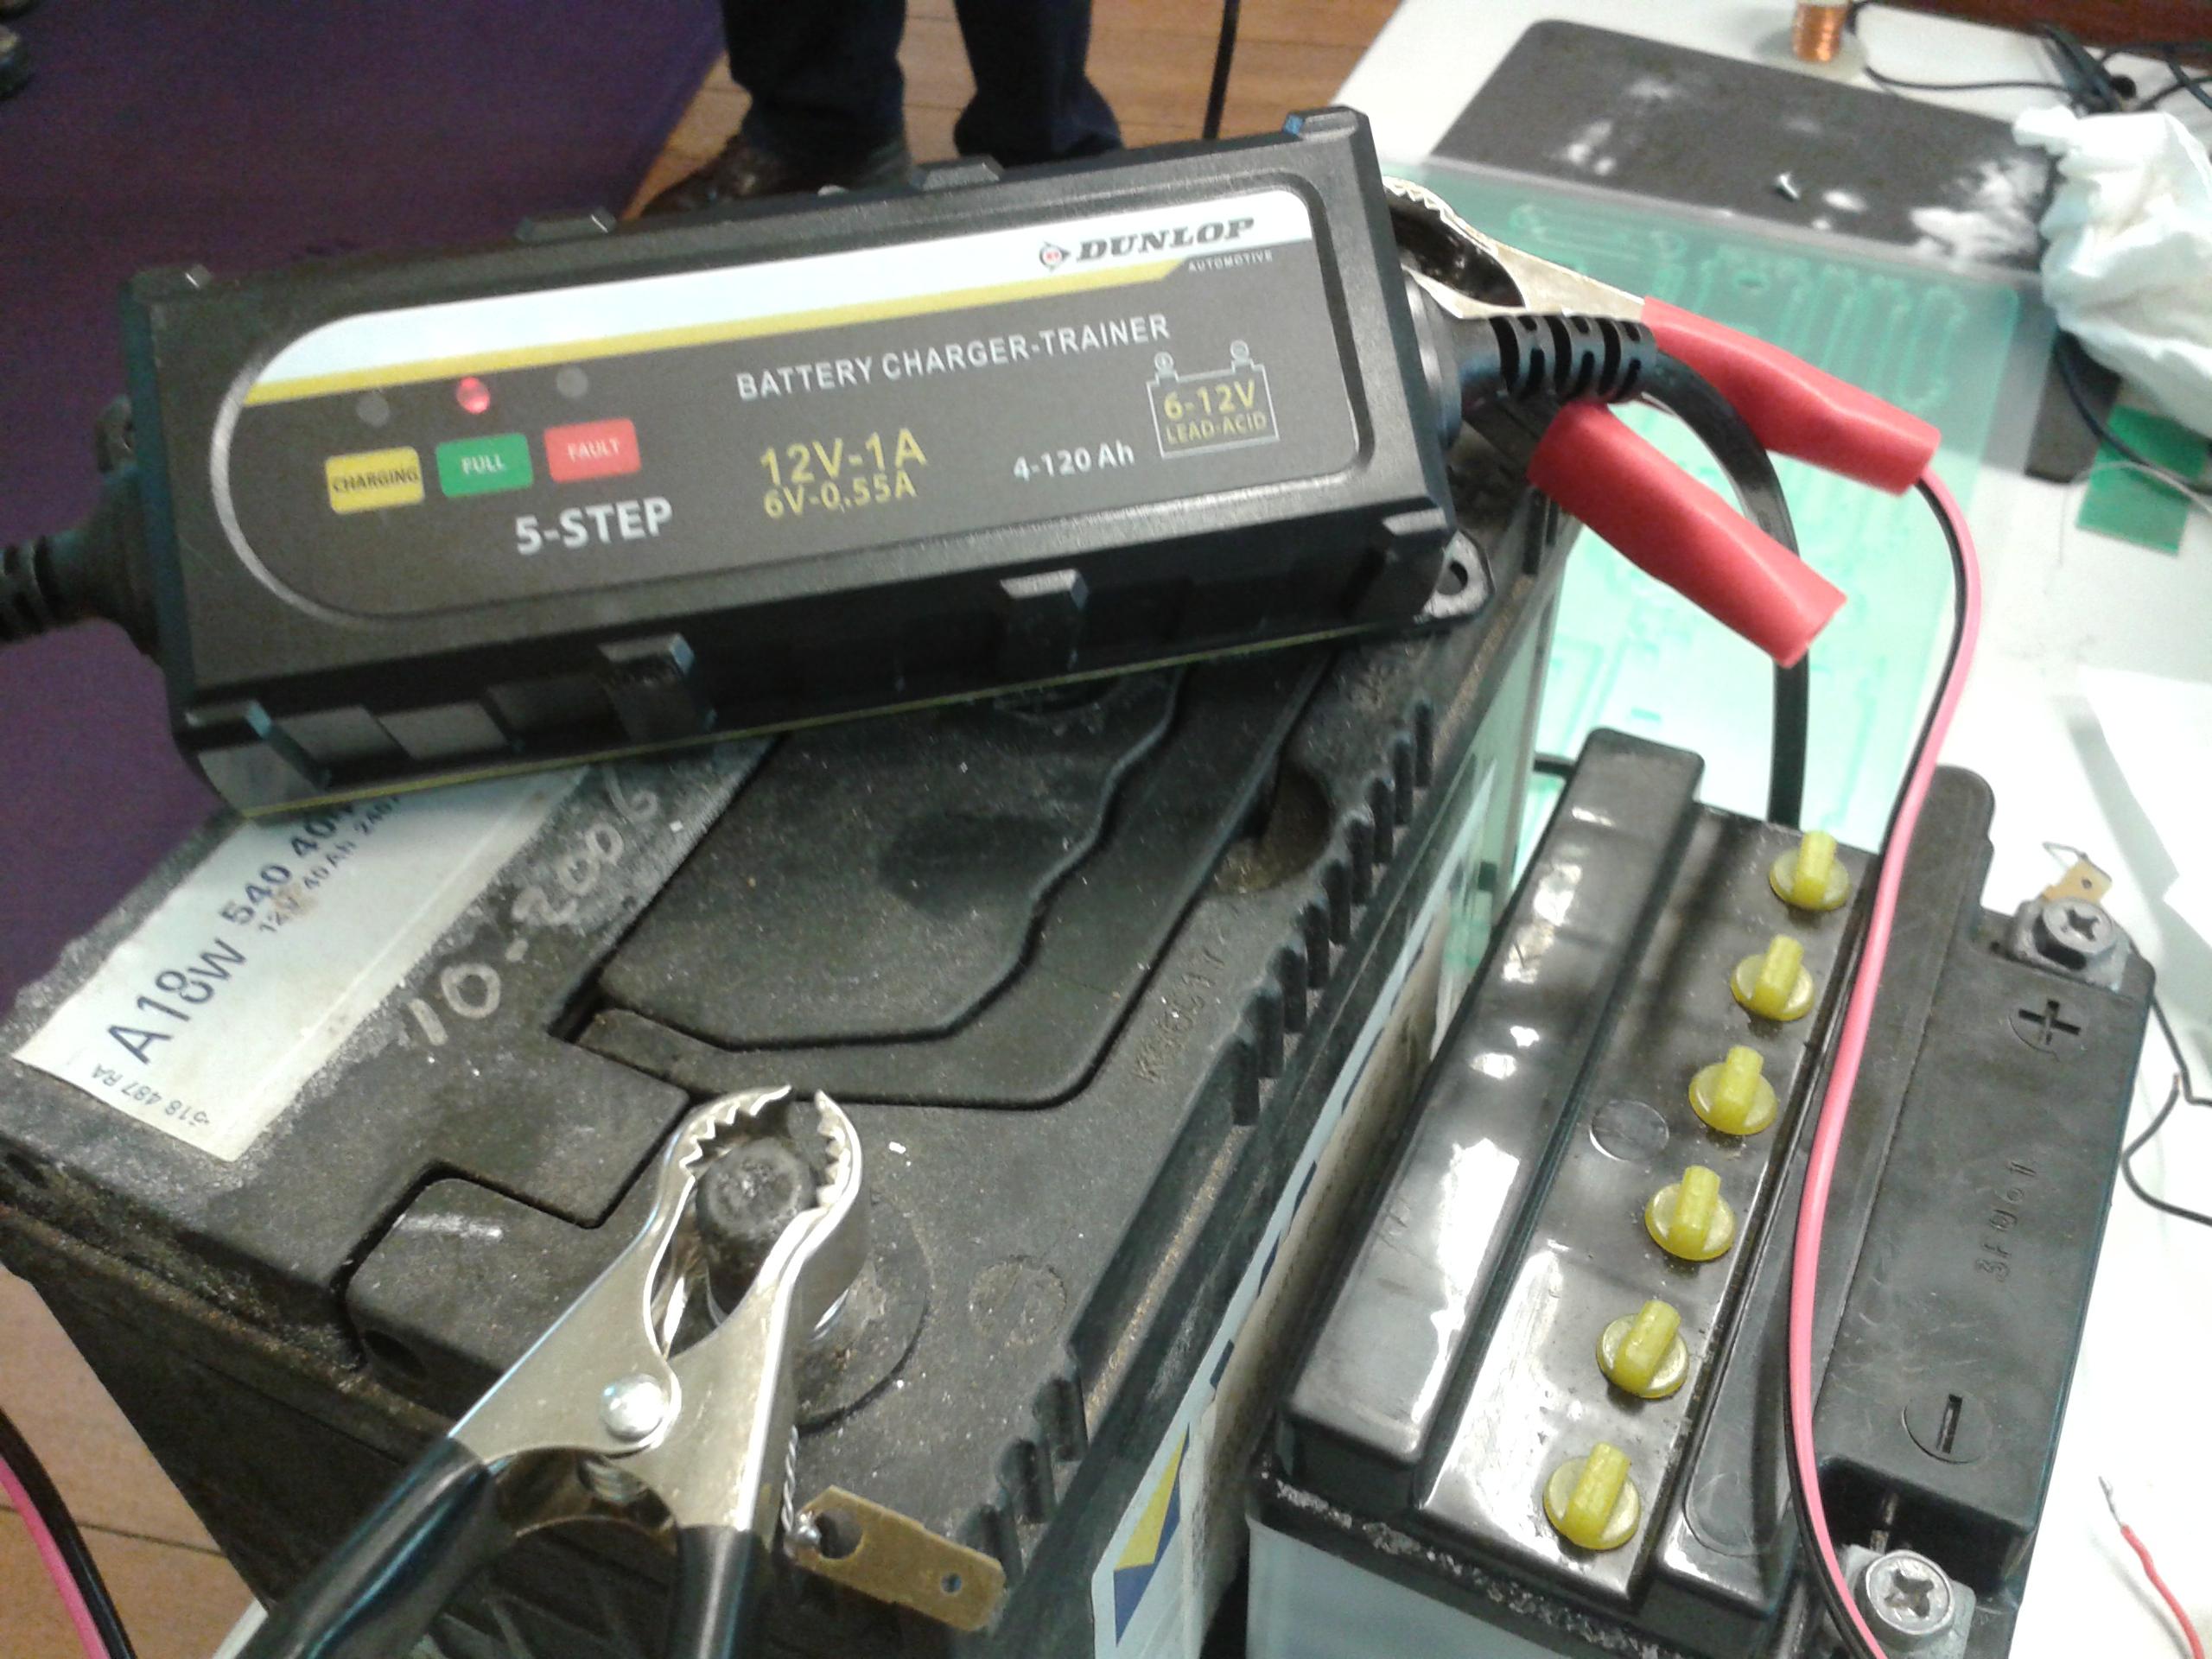 : Chargeur de batterie Dunlop Trainer Voiture et